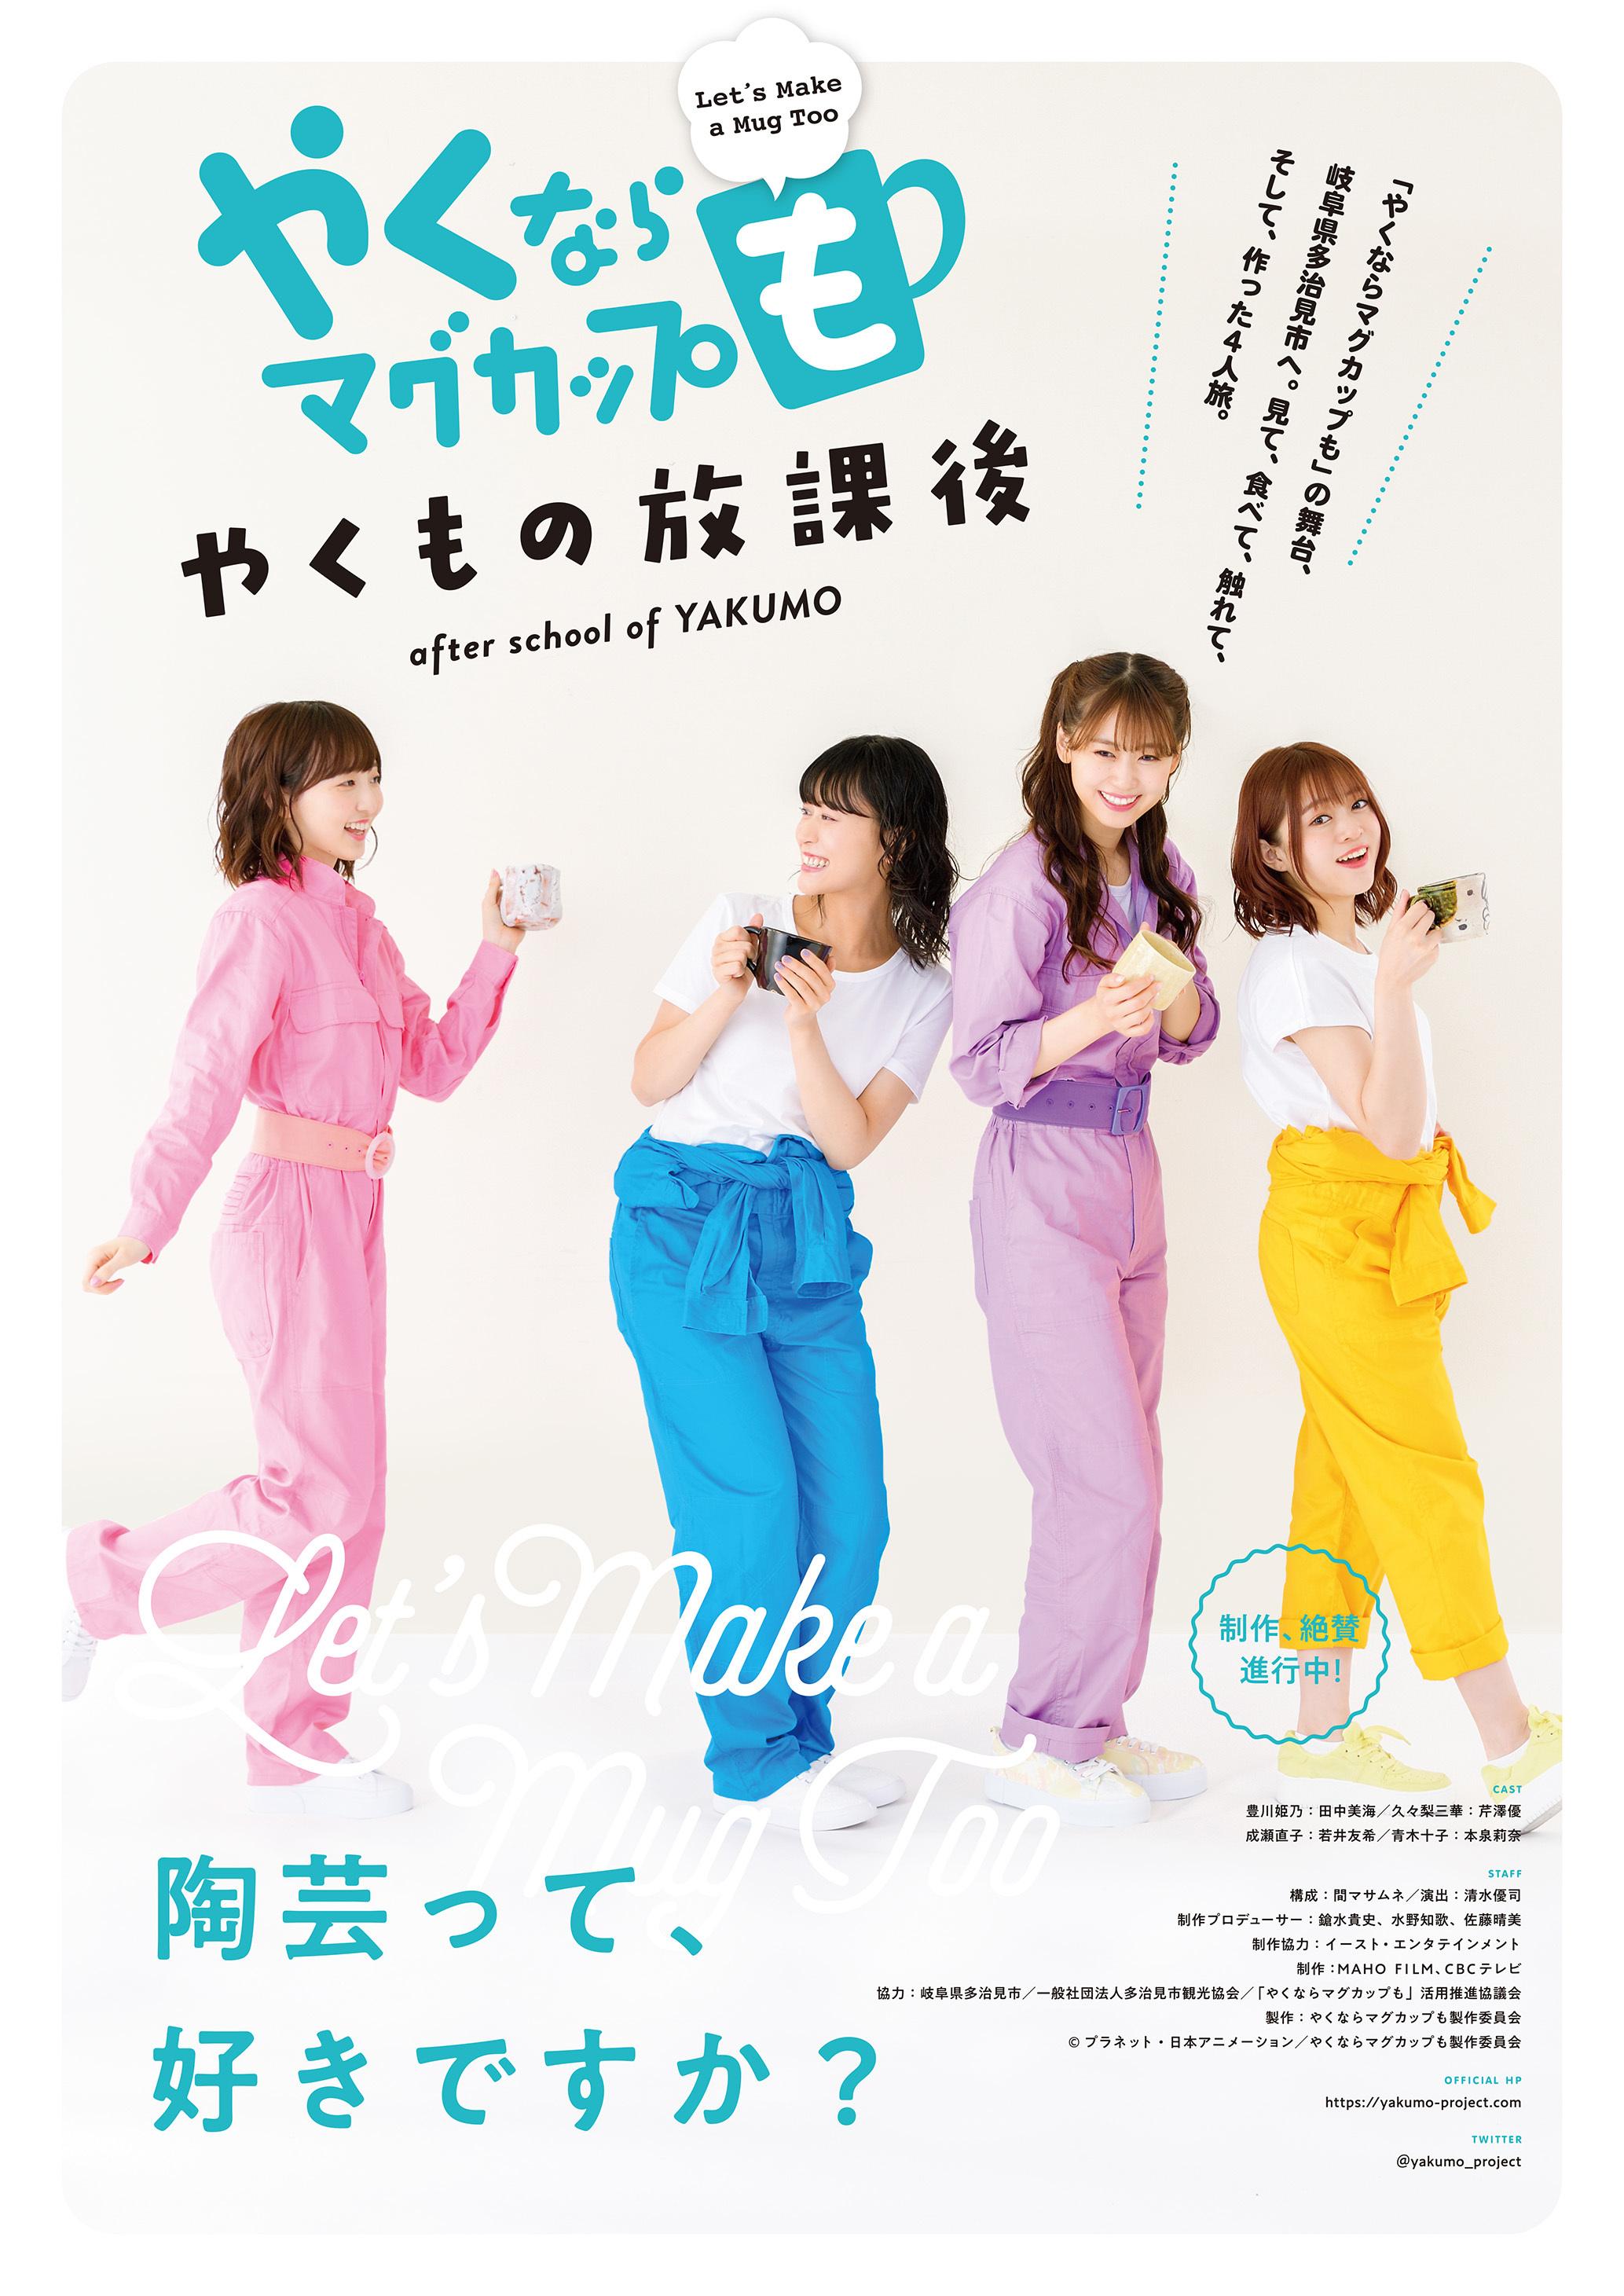 『やくならマグカップも-やくもの放課後-』陶芸Ver (C) プラネット・日本アニメーション/やくならマグカップも製作委員会